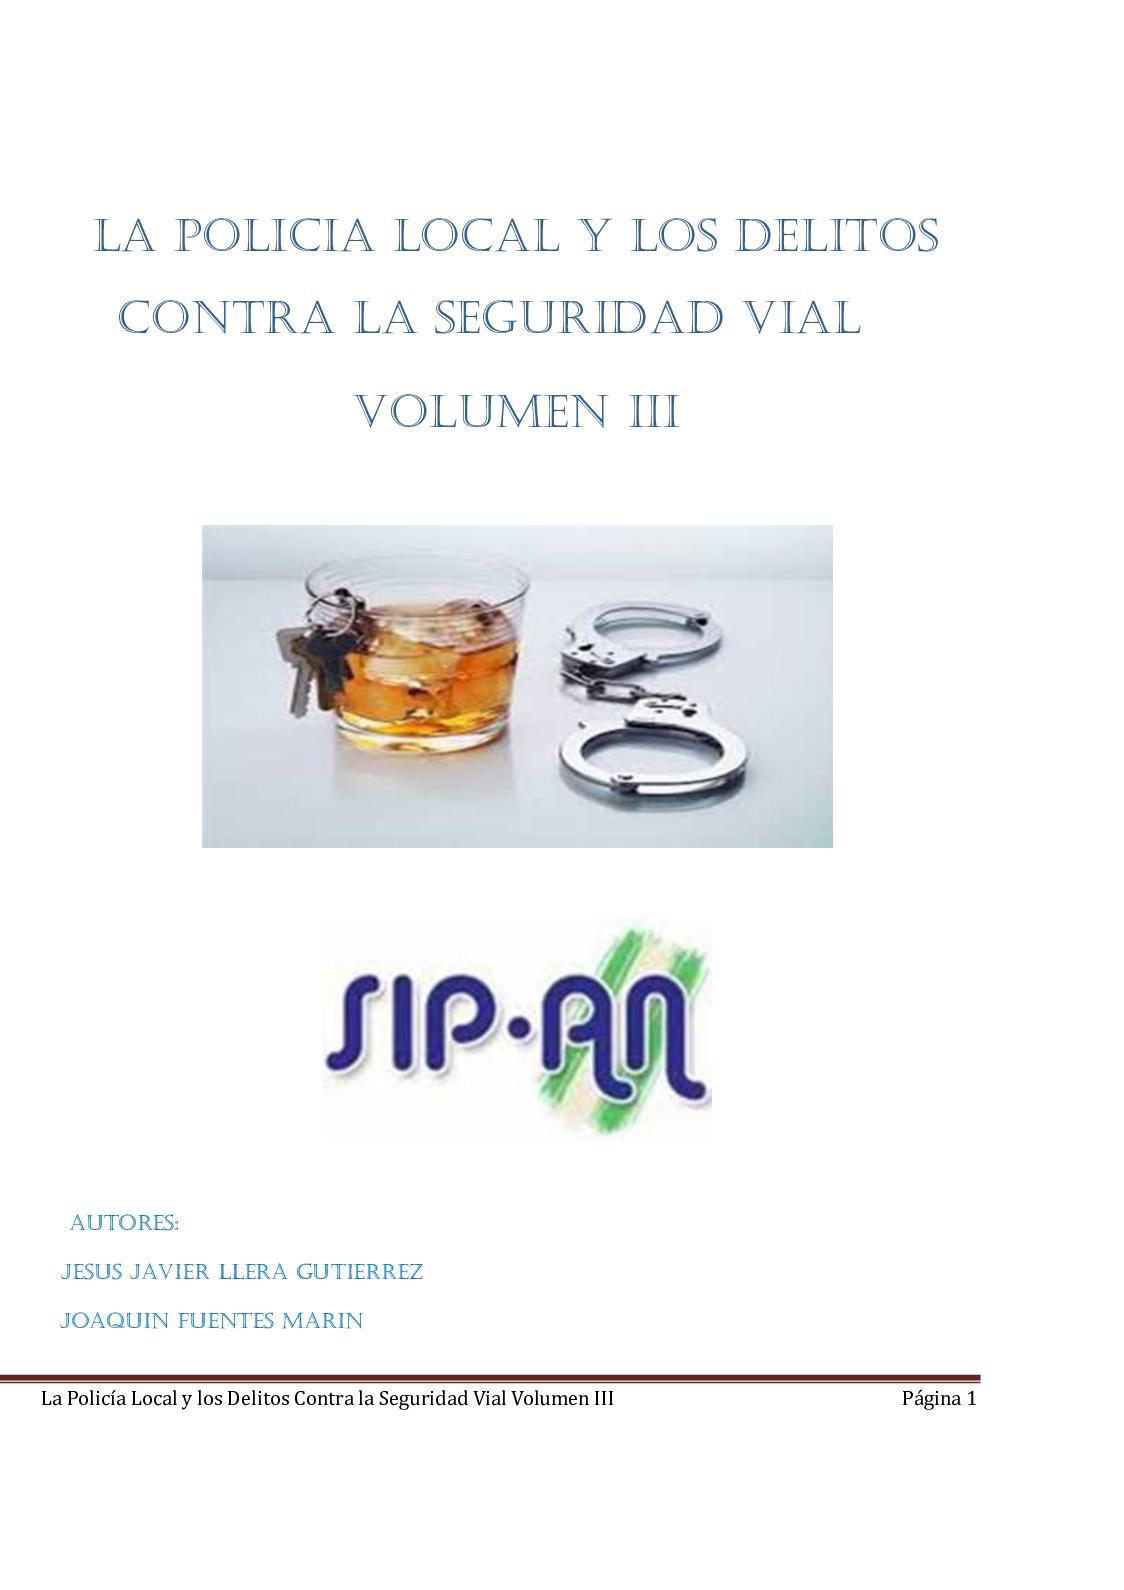 322 La Policía Local Y Los Delitos Contra La Seguridad Vial Volumen Iii